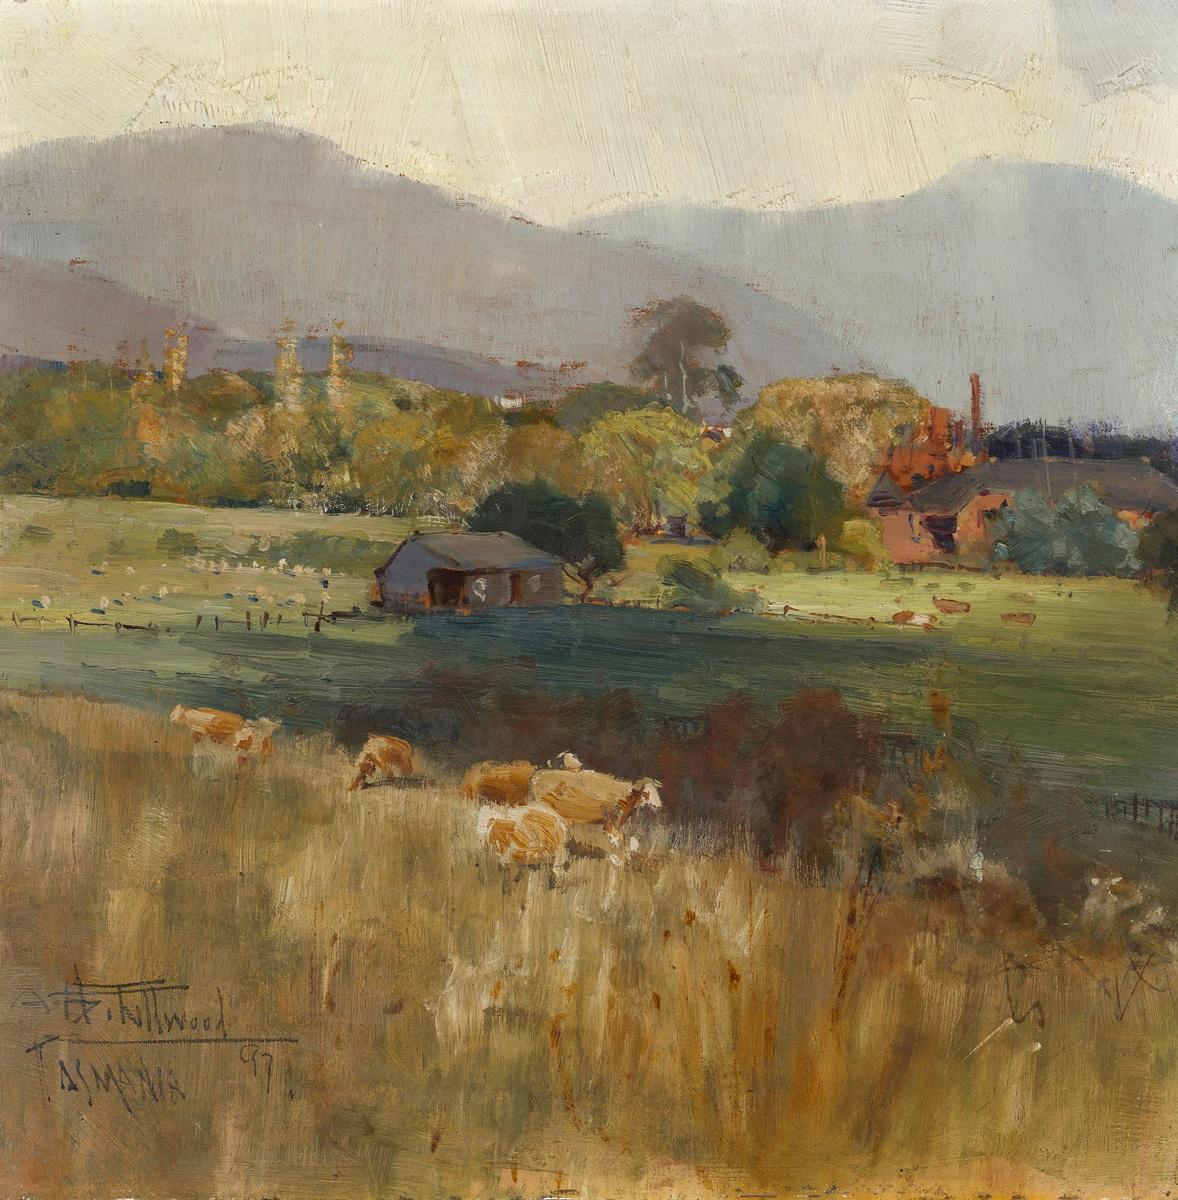 Fullwood - Tasmania 1897